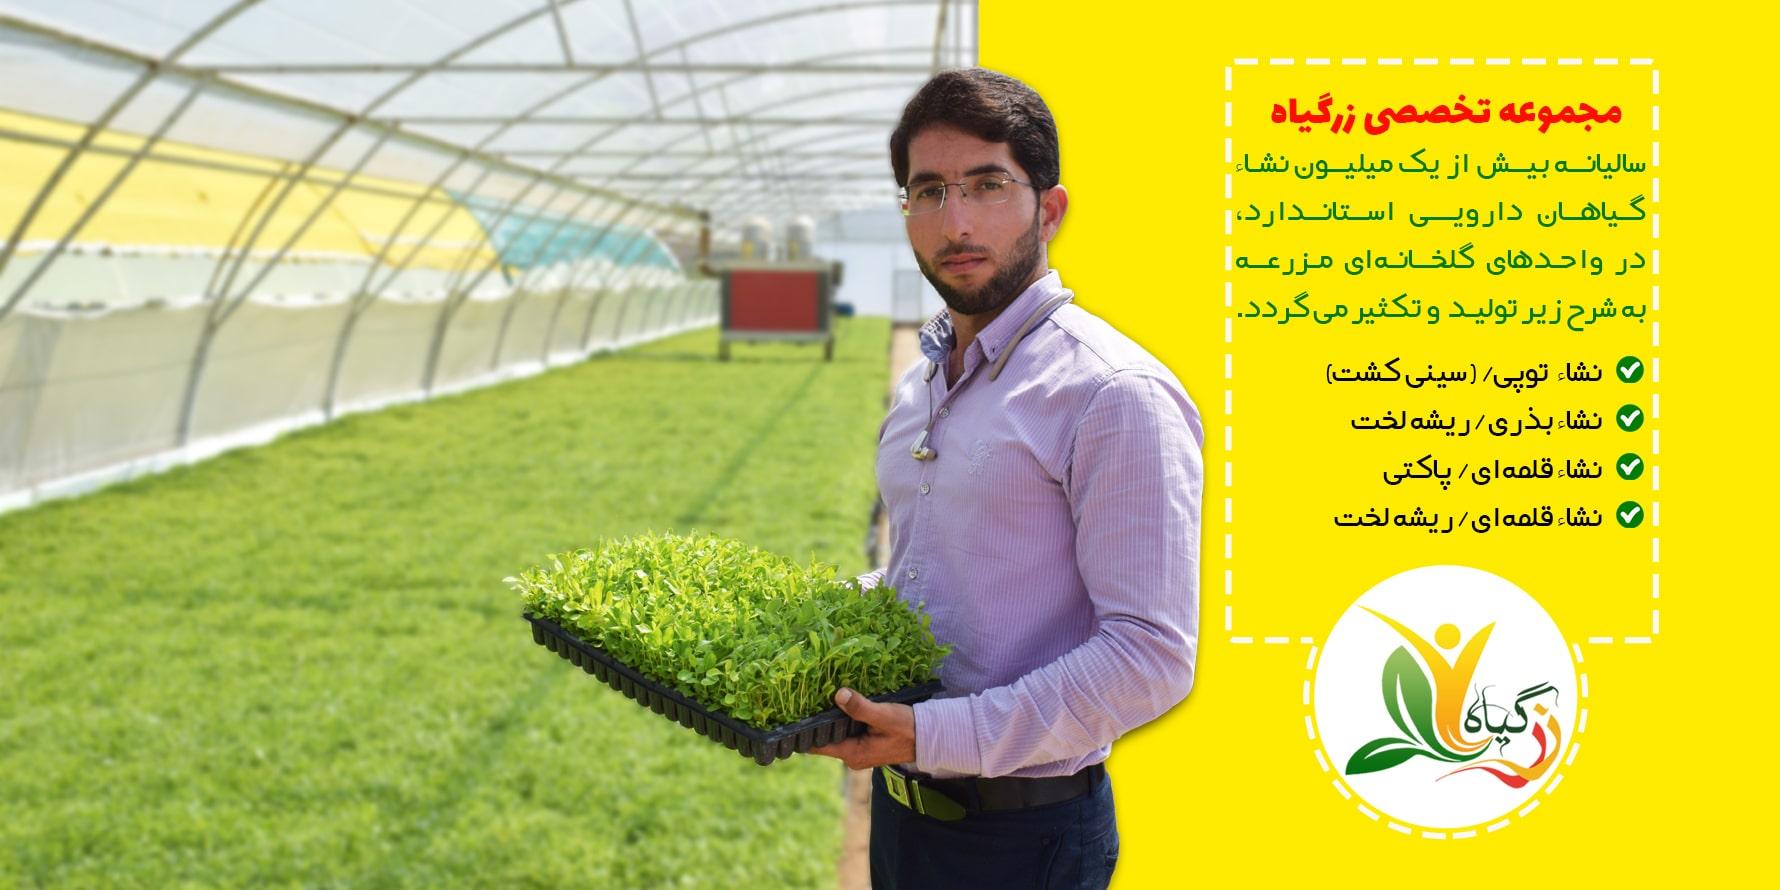 تولید نشاء در مزرعه تخصصی زرگیاه